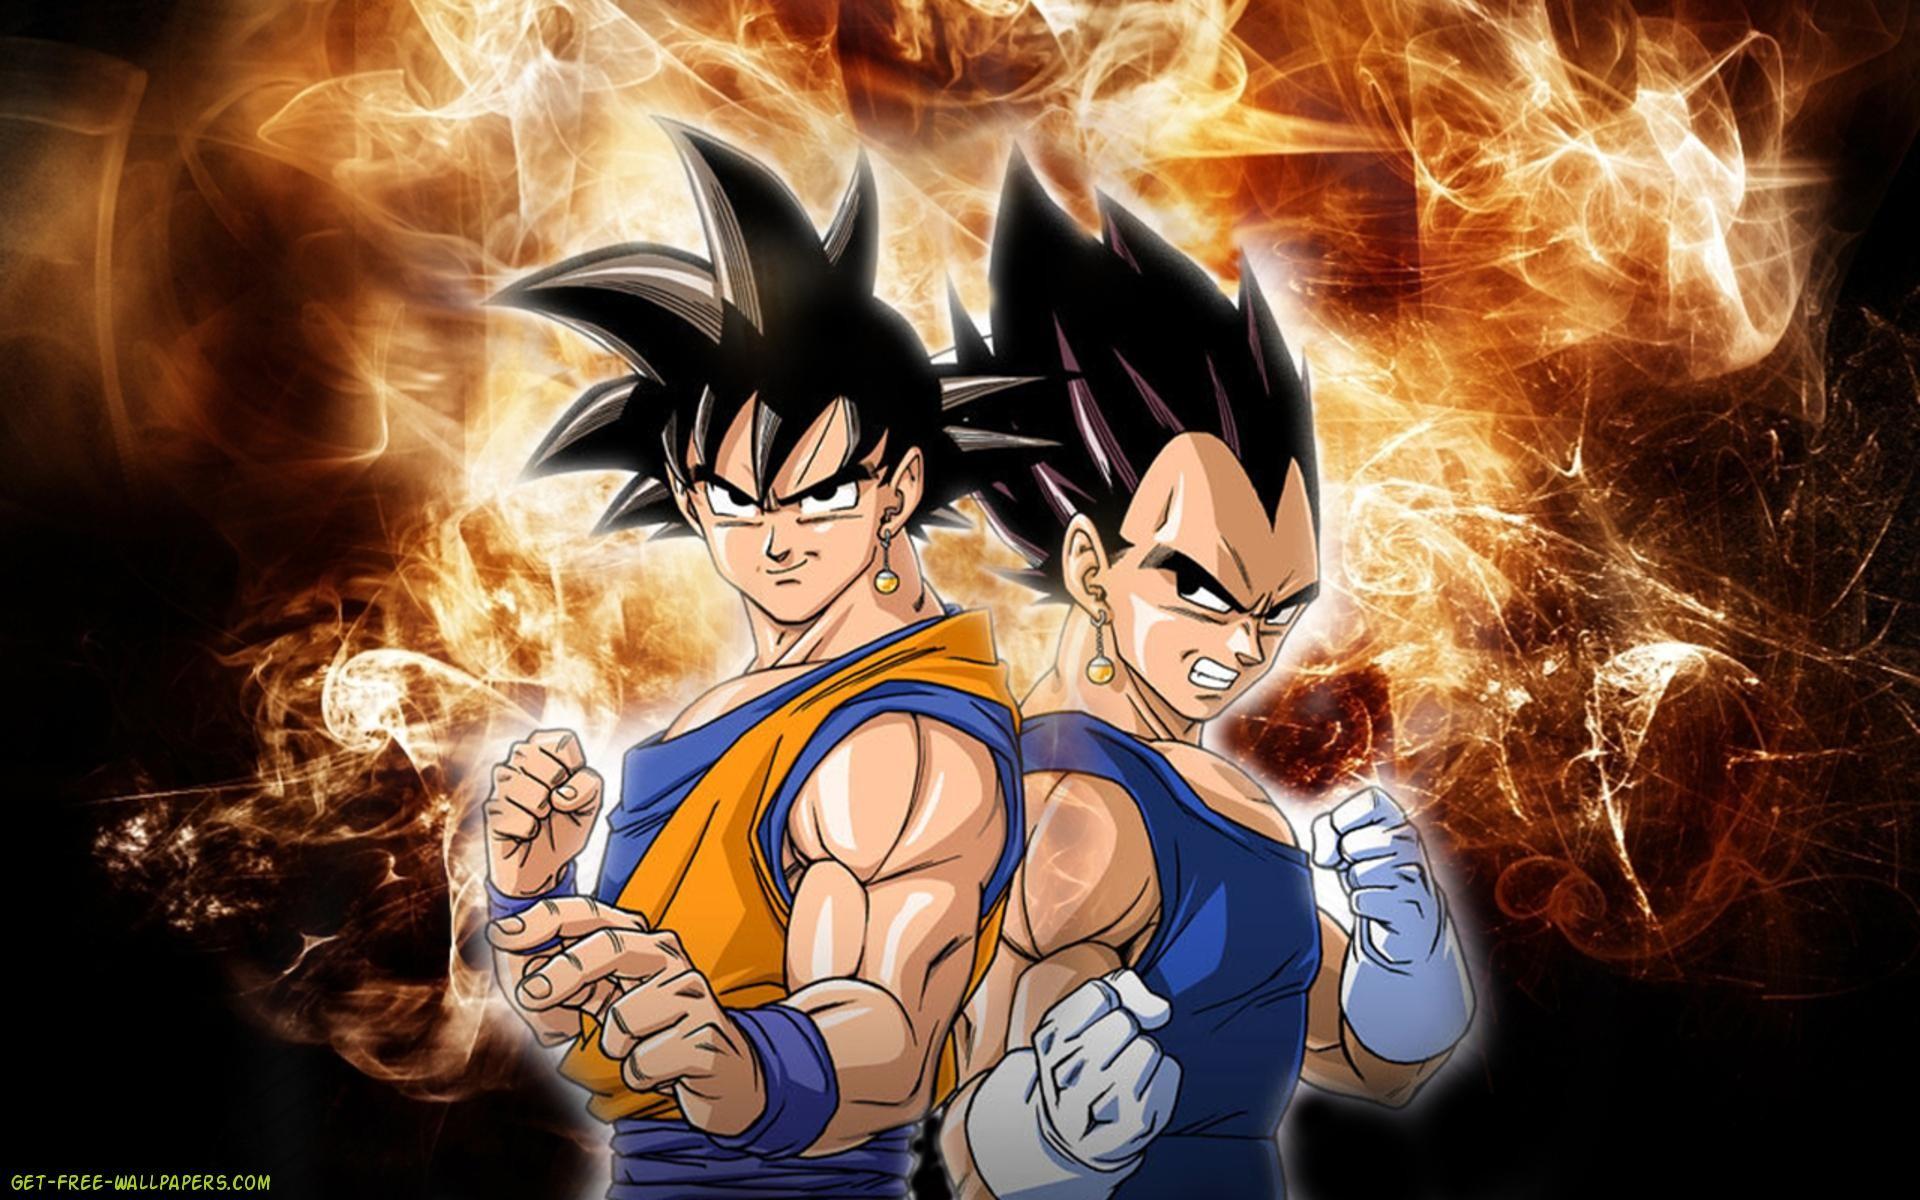 Dragon Ball Z Goku vs Frieza HD Wallpaper